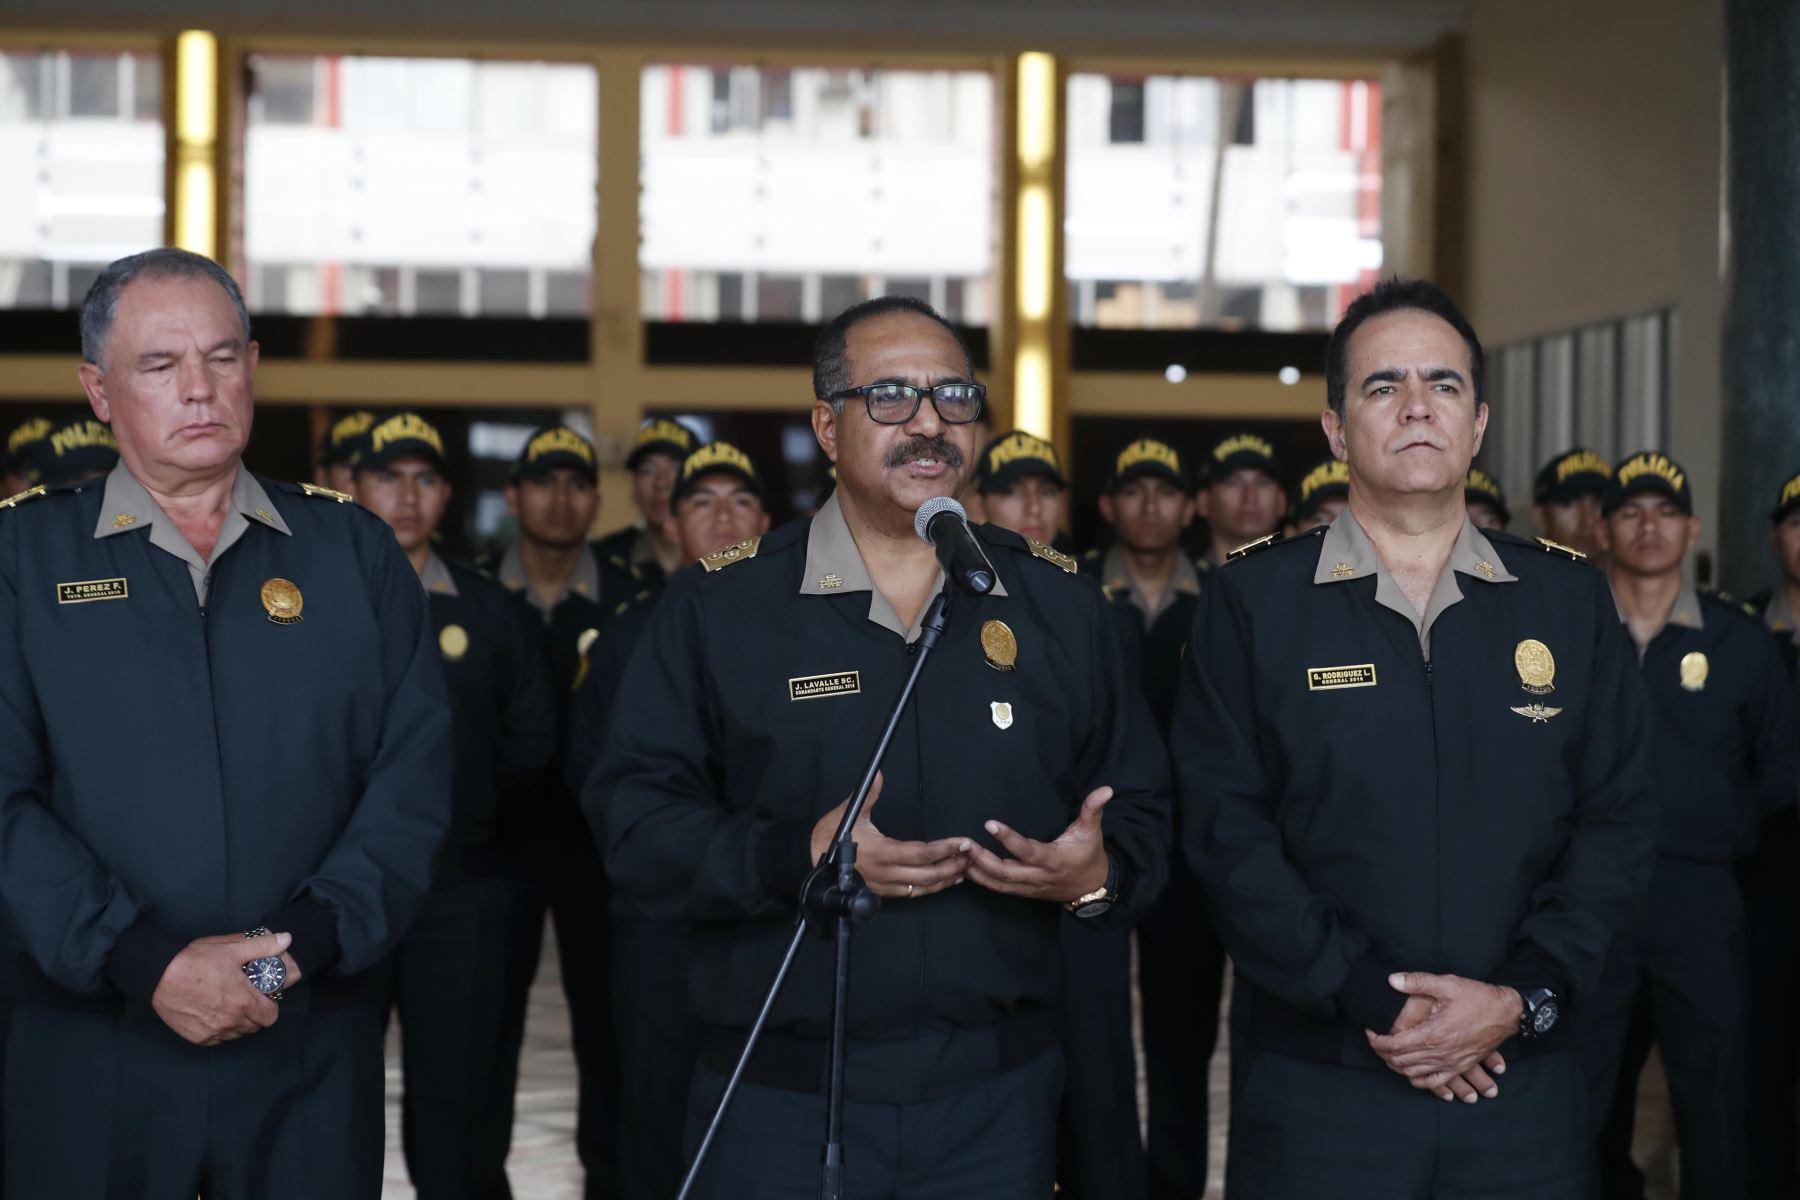 Comandante general PNP José Lavalle anuncia cambios  en el Ministerio del Interior, sobre reasignación en sus funciones a generales del Alto Mando de la Policía Nacional del Perú (PNP). Foto: ANDINA/Renato Pajuelo